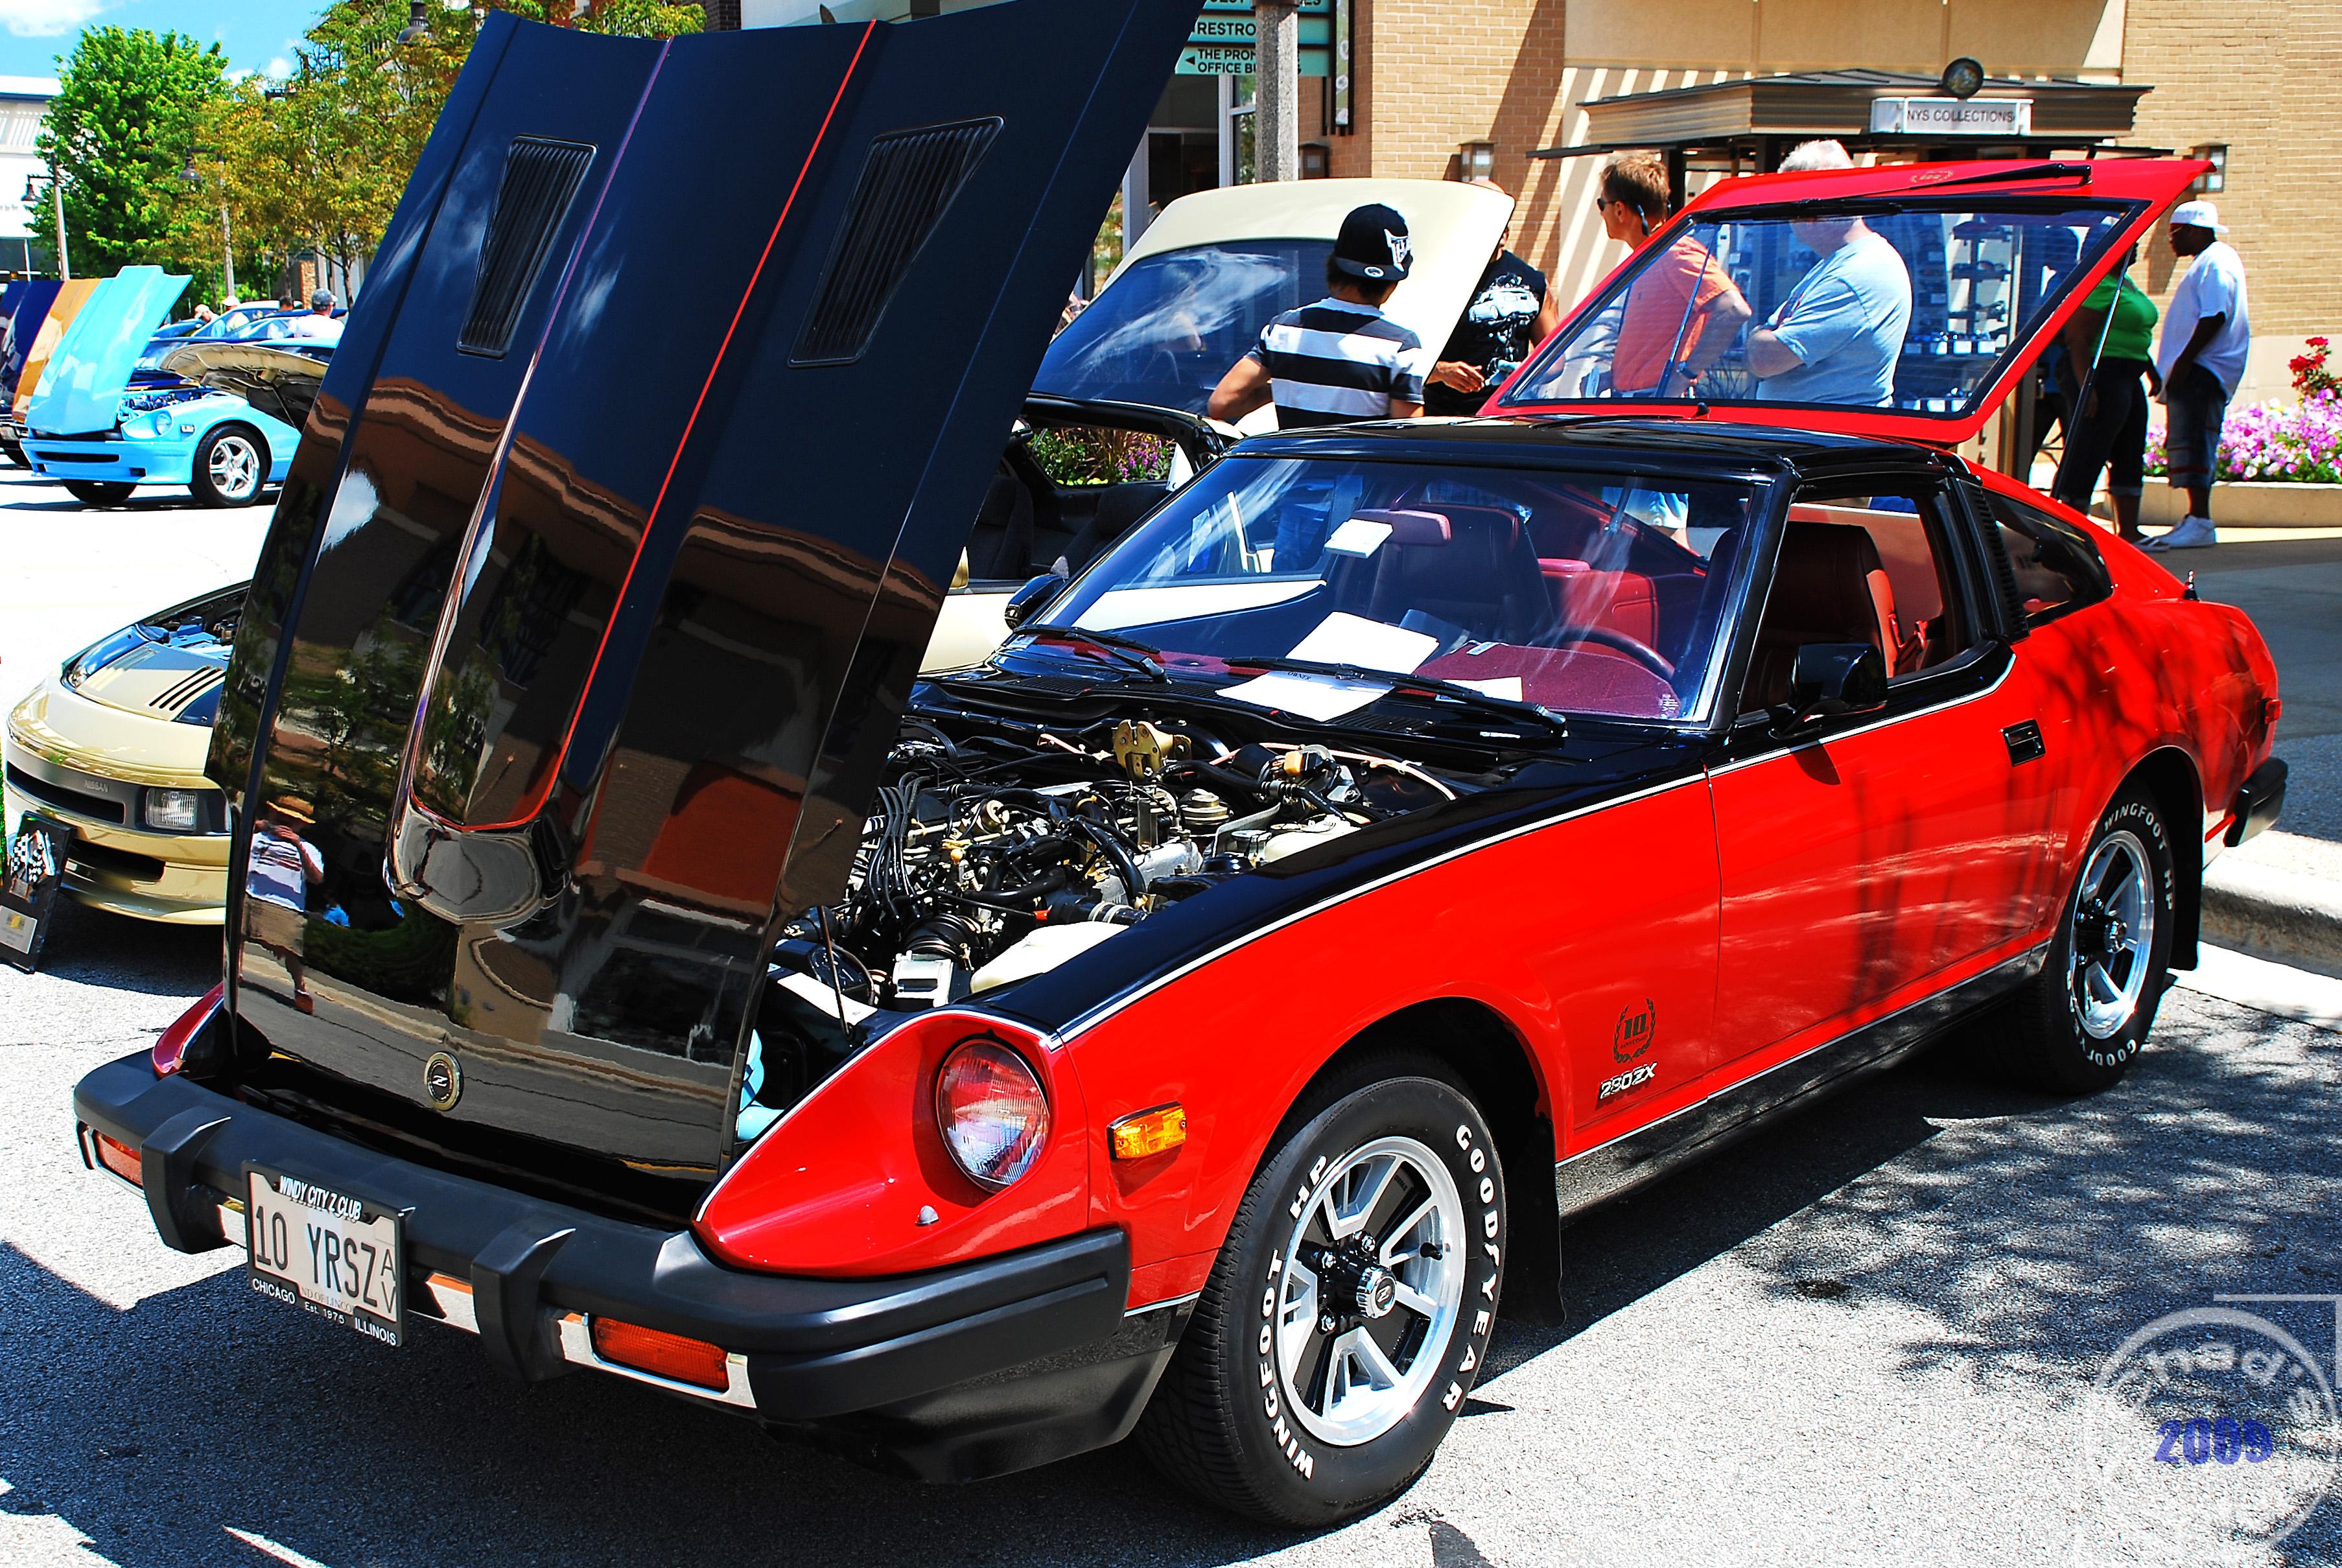 1978 1983 datsun 280zx 280zx turbo s130 it rolls